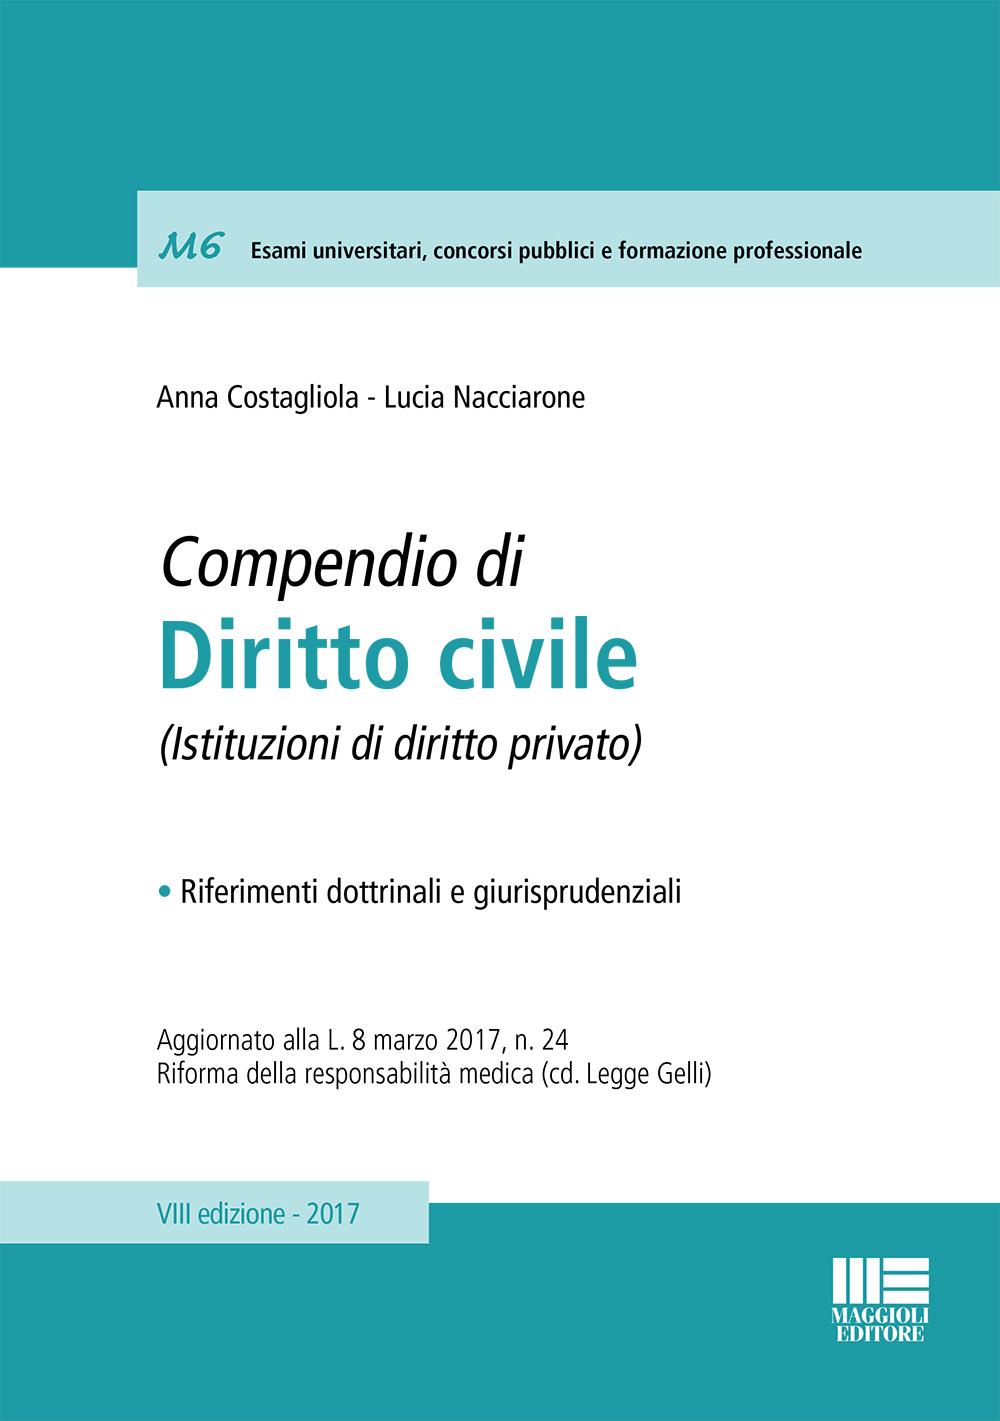 Compendio di Diritto civile - (Libro)